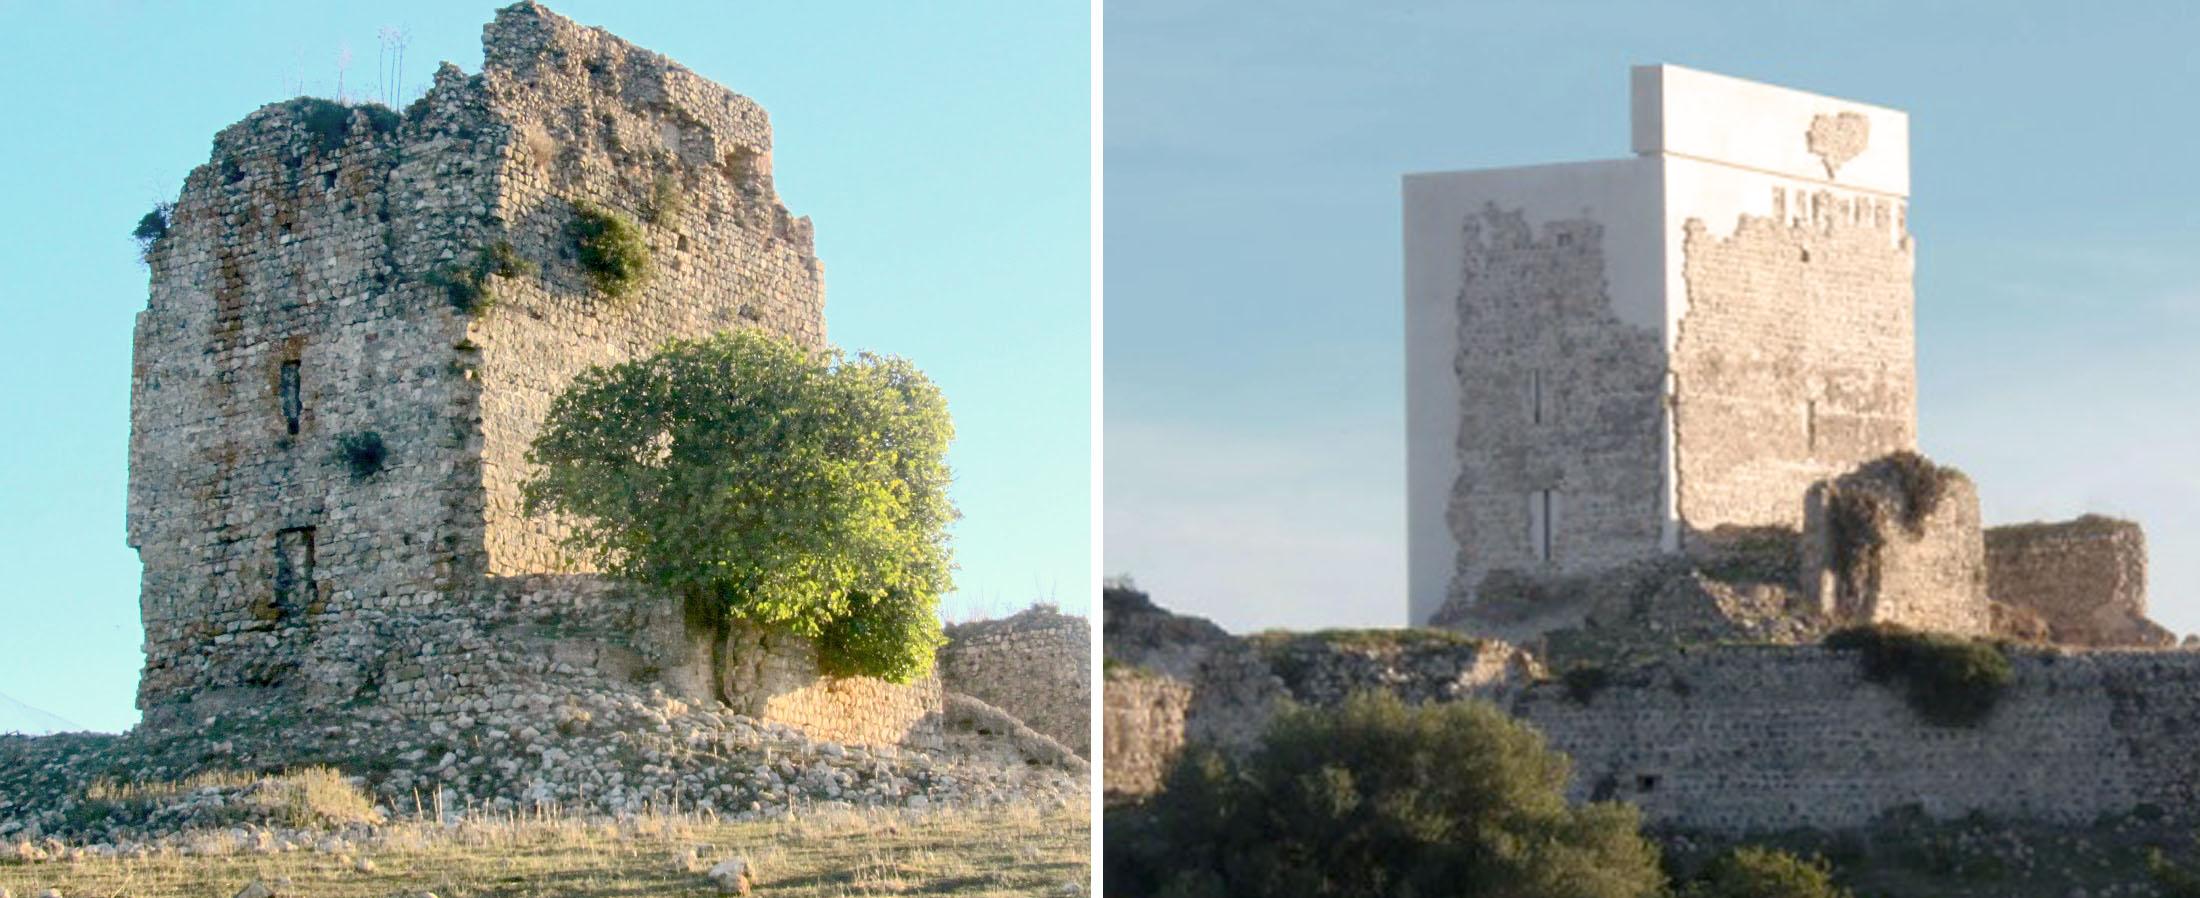 La polémica restauración del castillo de Matrera